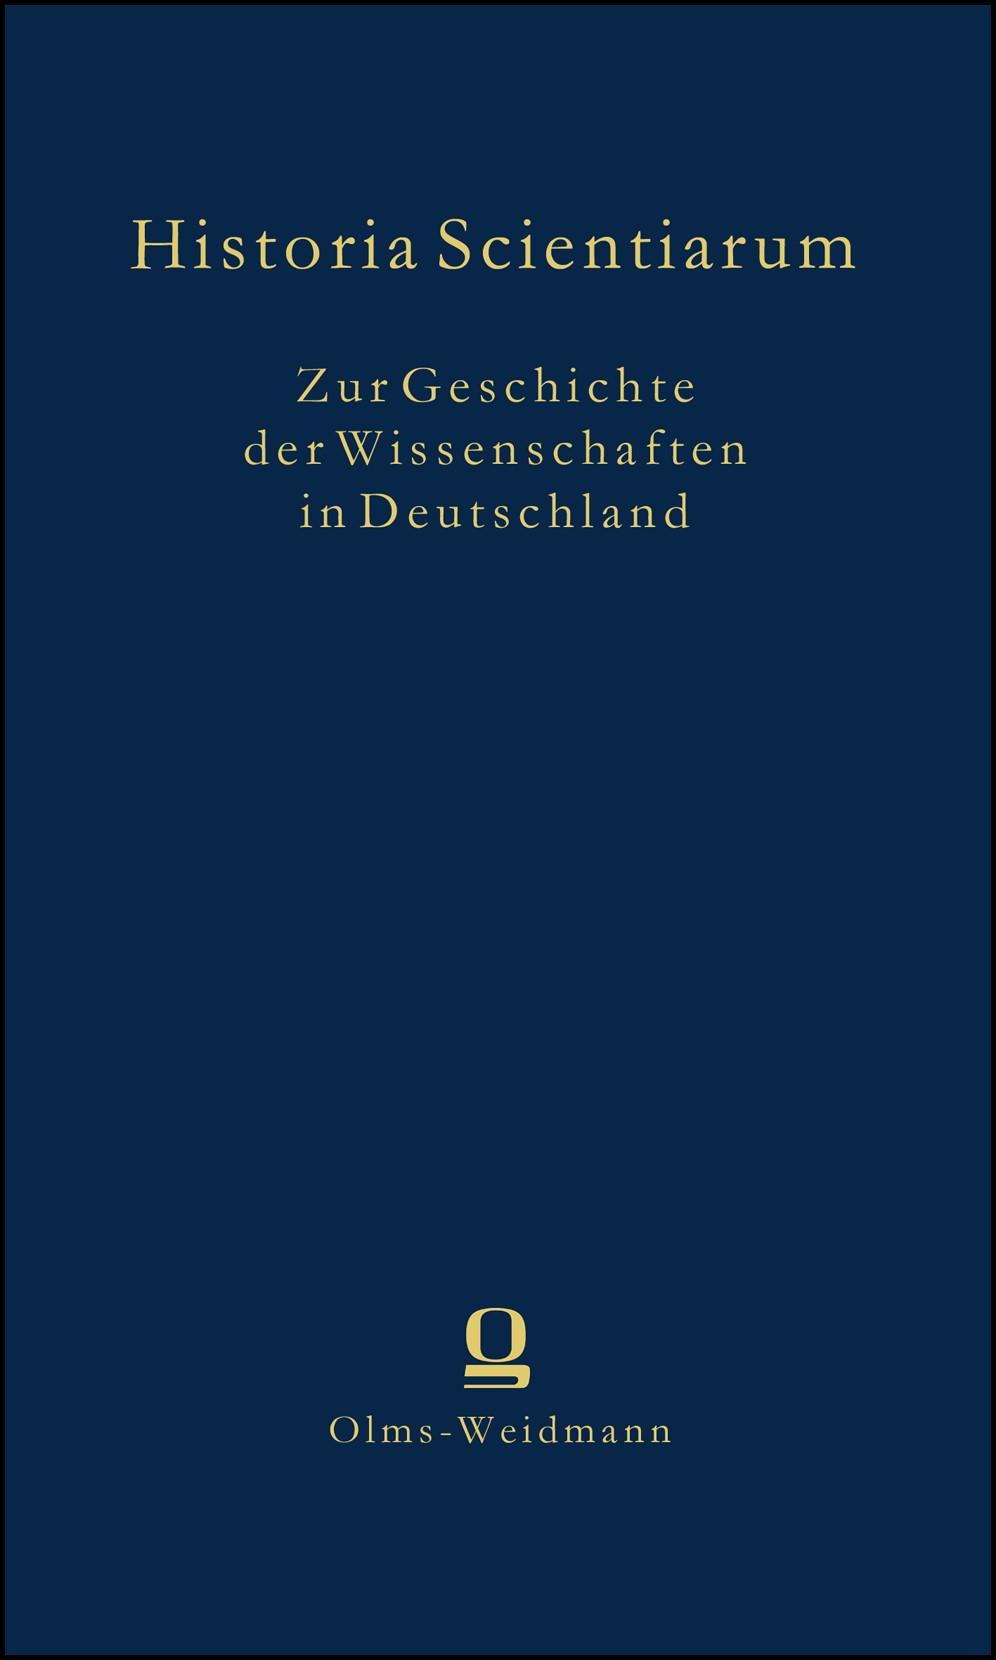 Abbildung von Lipsius / Disselkamp | Admiranda | Reprint | 2007